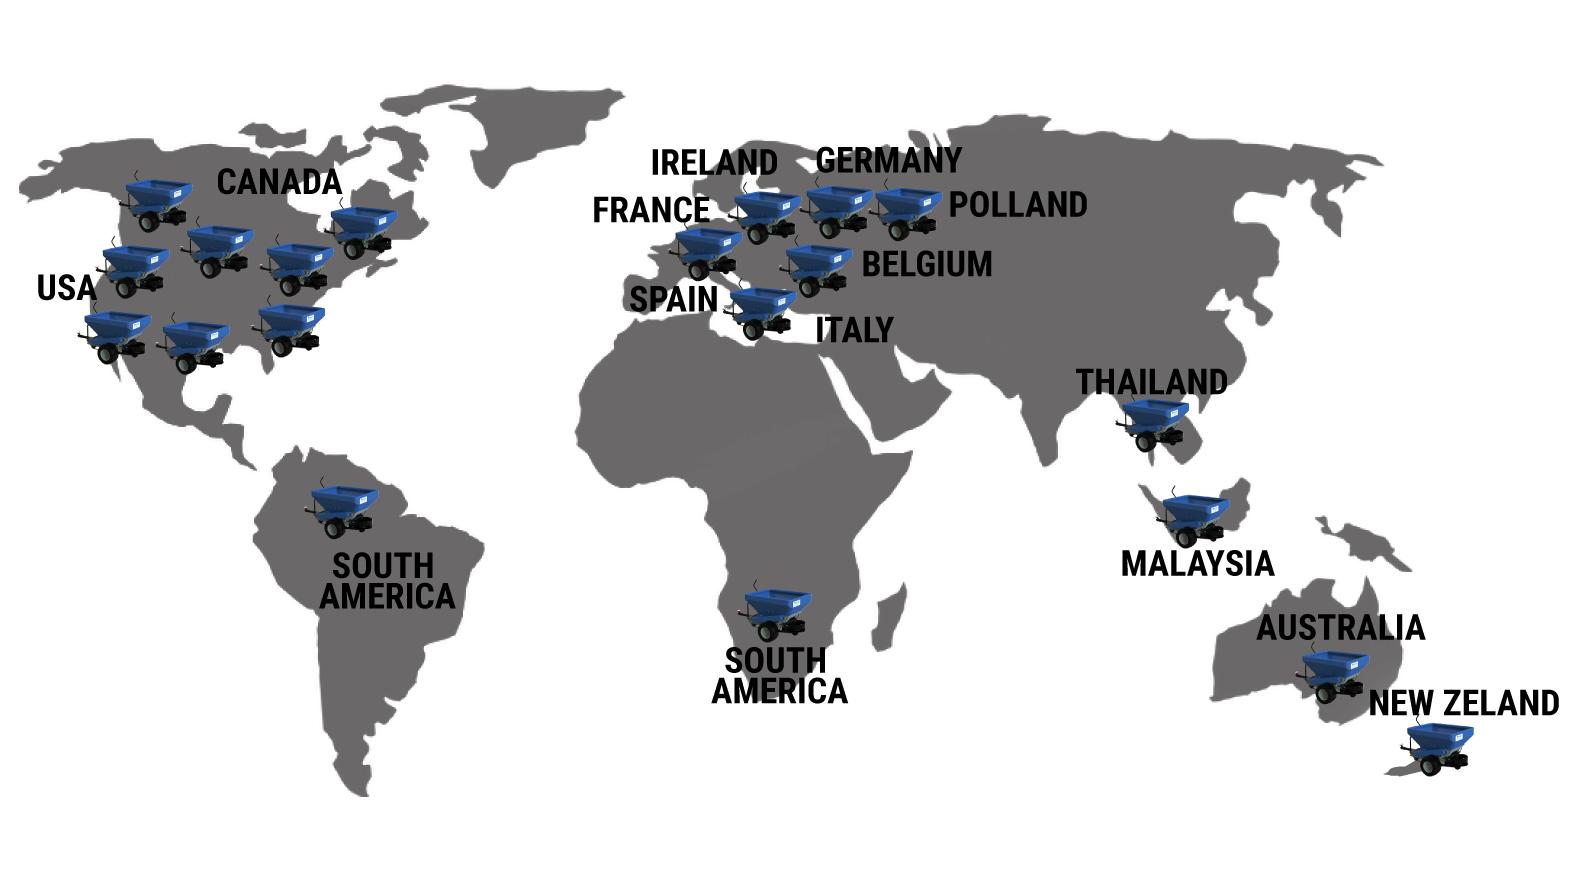 Ubicacion De Canada En El Mapa